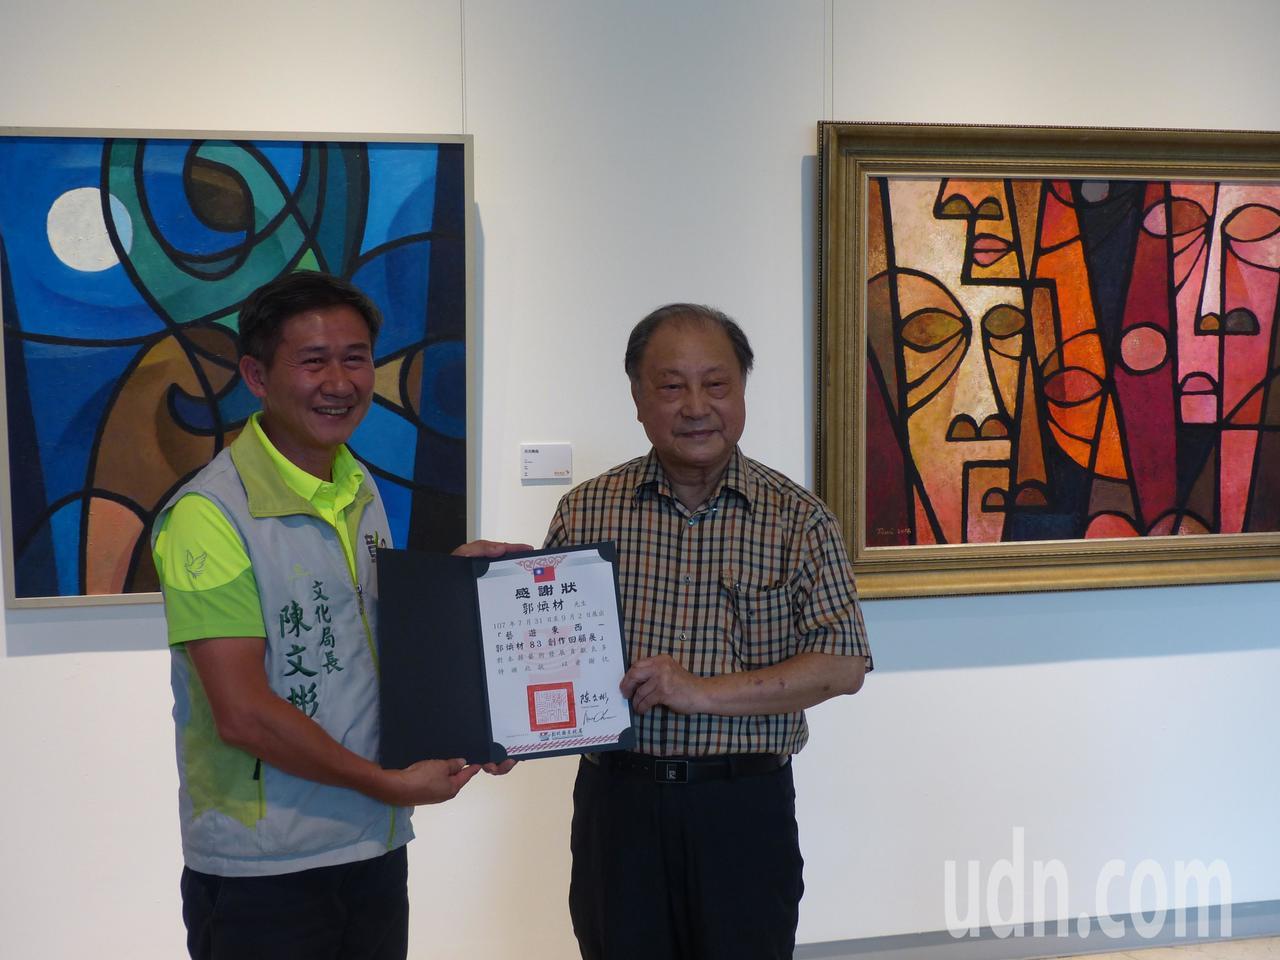 83歲的藝術教育家郭煥材今天在彰化縣立美術館1樓舉辦「藝遊東西-郭煥材83創作回...